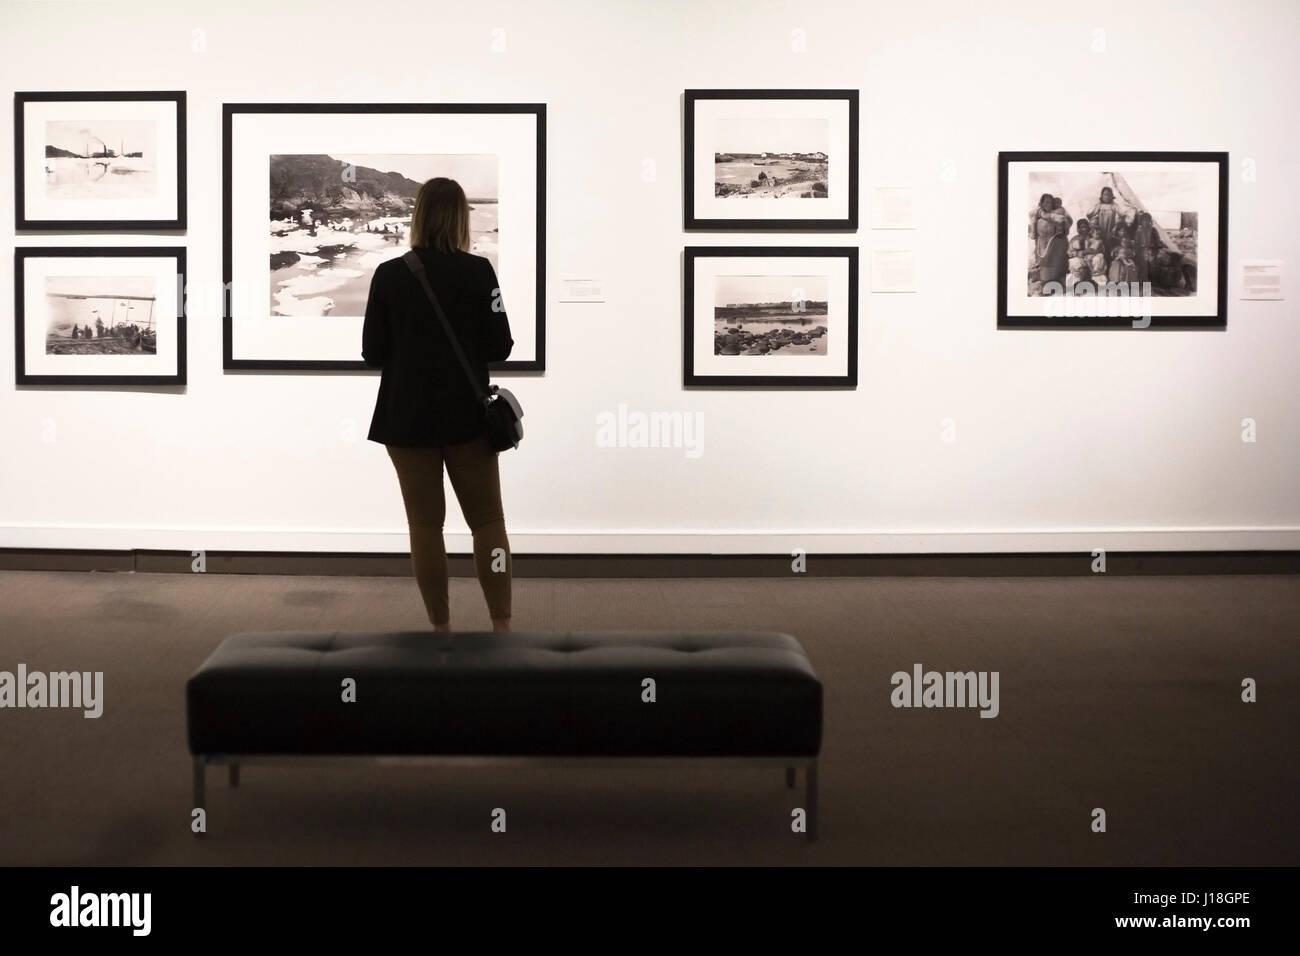 Donna che guarda al museo Glenbow presentano 'Nord di ordinaria, l'Artico fotografie di Geraldine e Douglas Immagini Stock